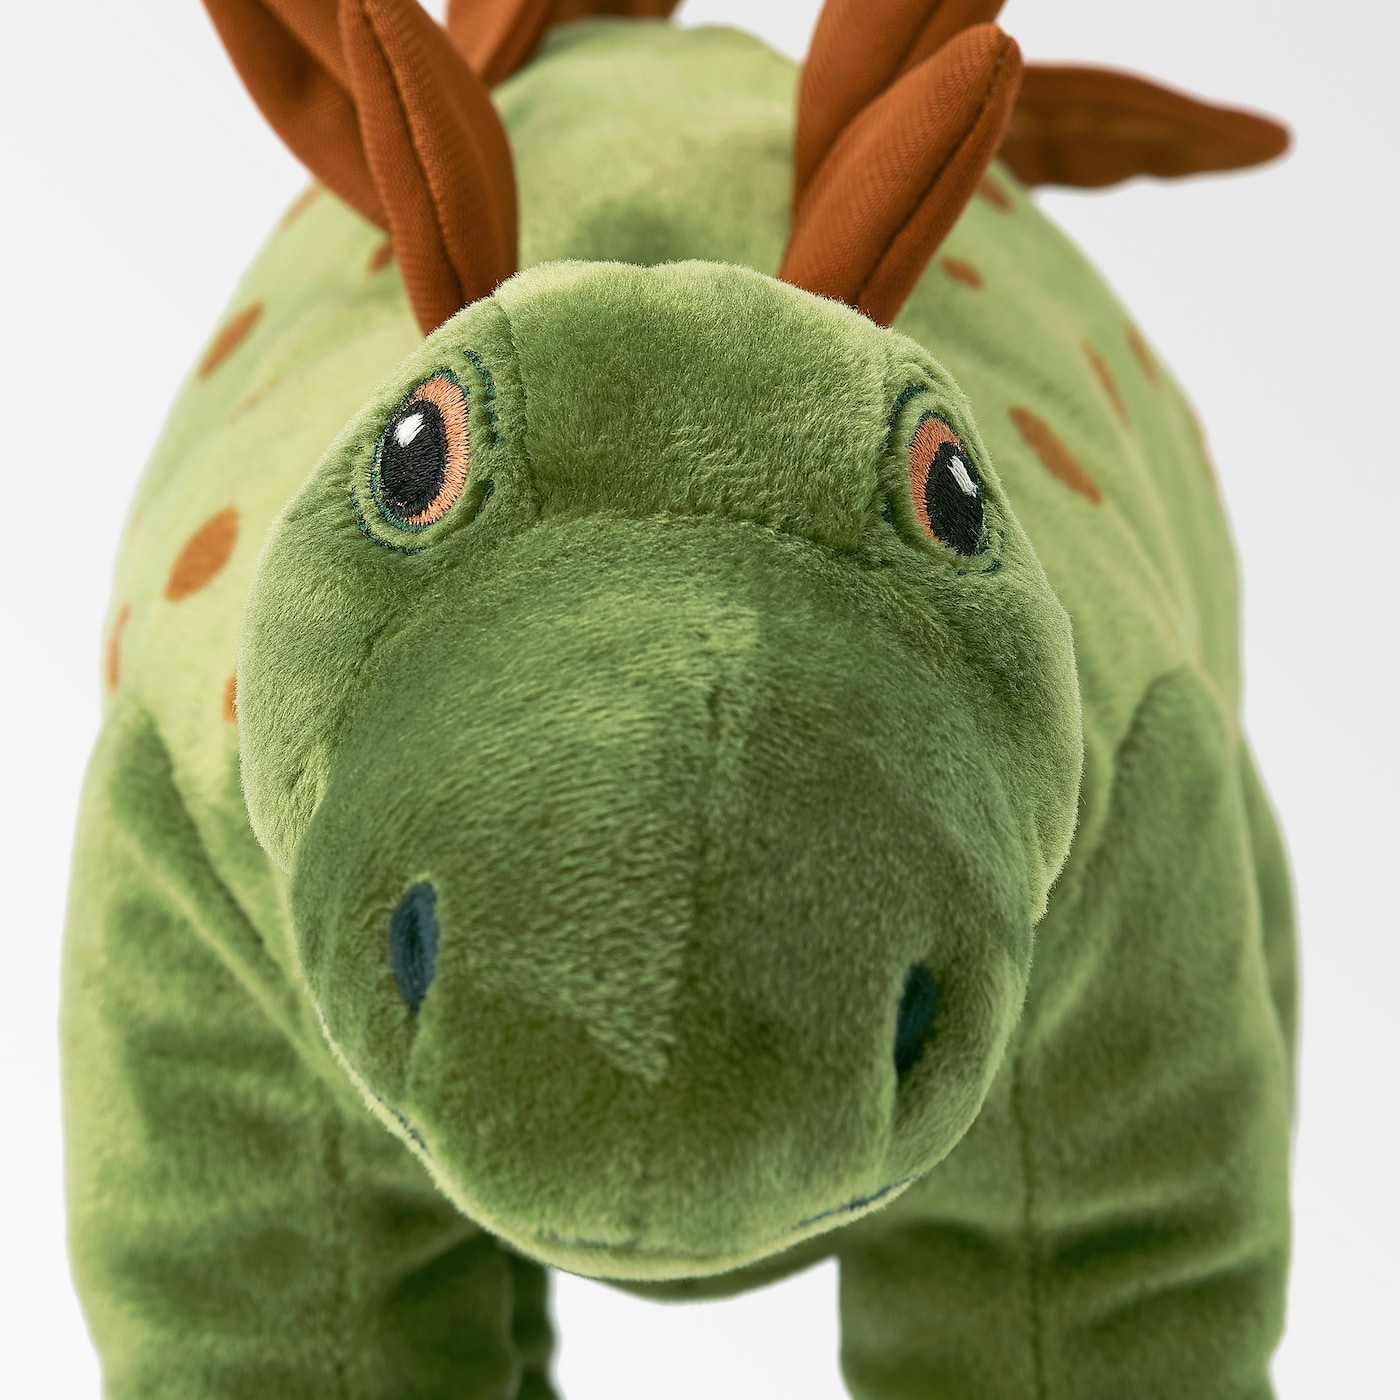 JÄTTELIK Plyšová hračka, dinosaurus/dinosaur/stegosaurus, 50 cm